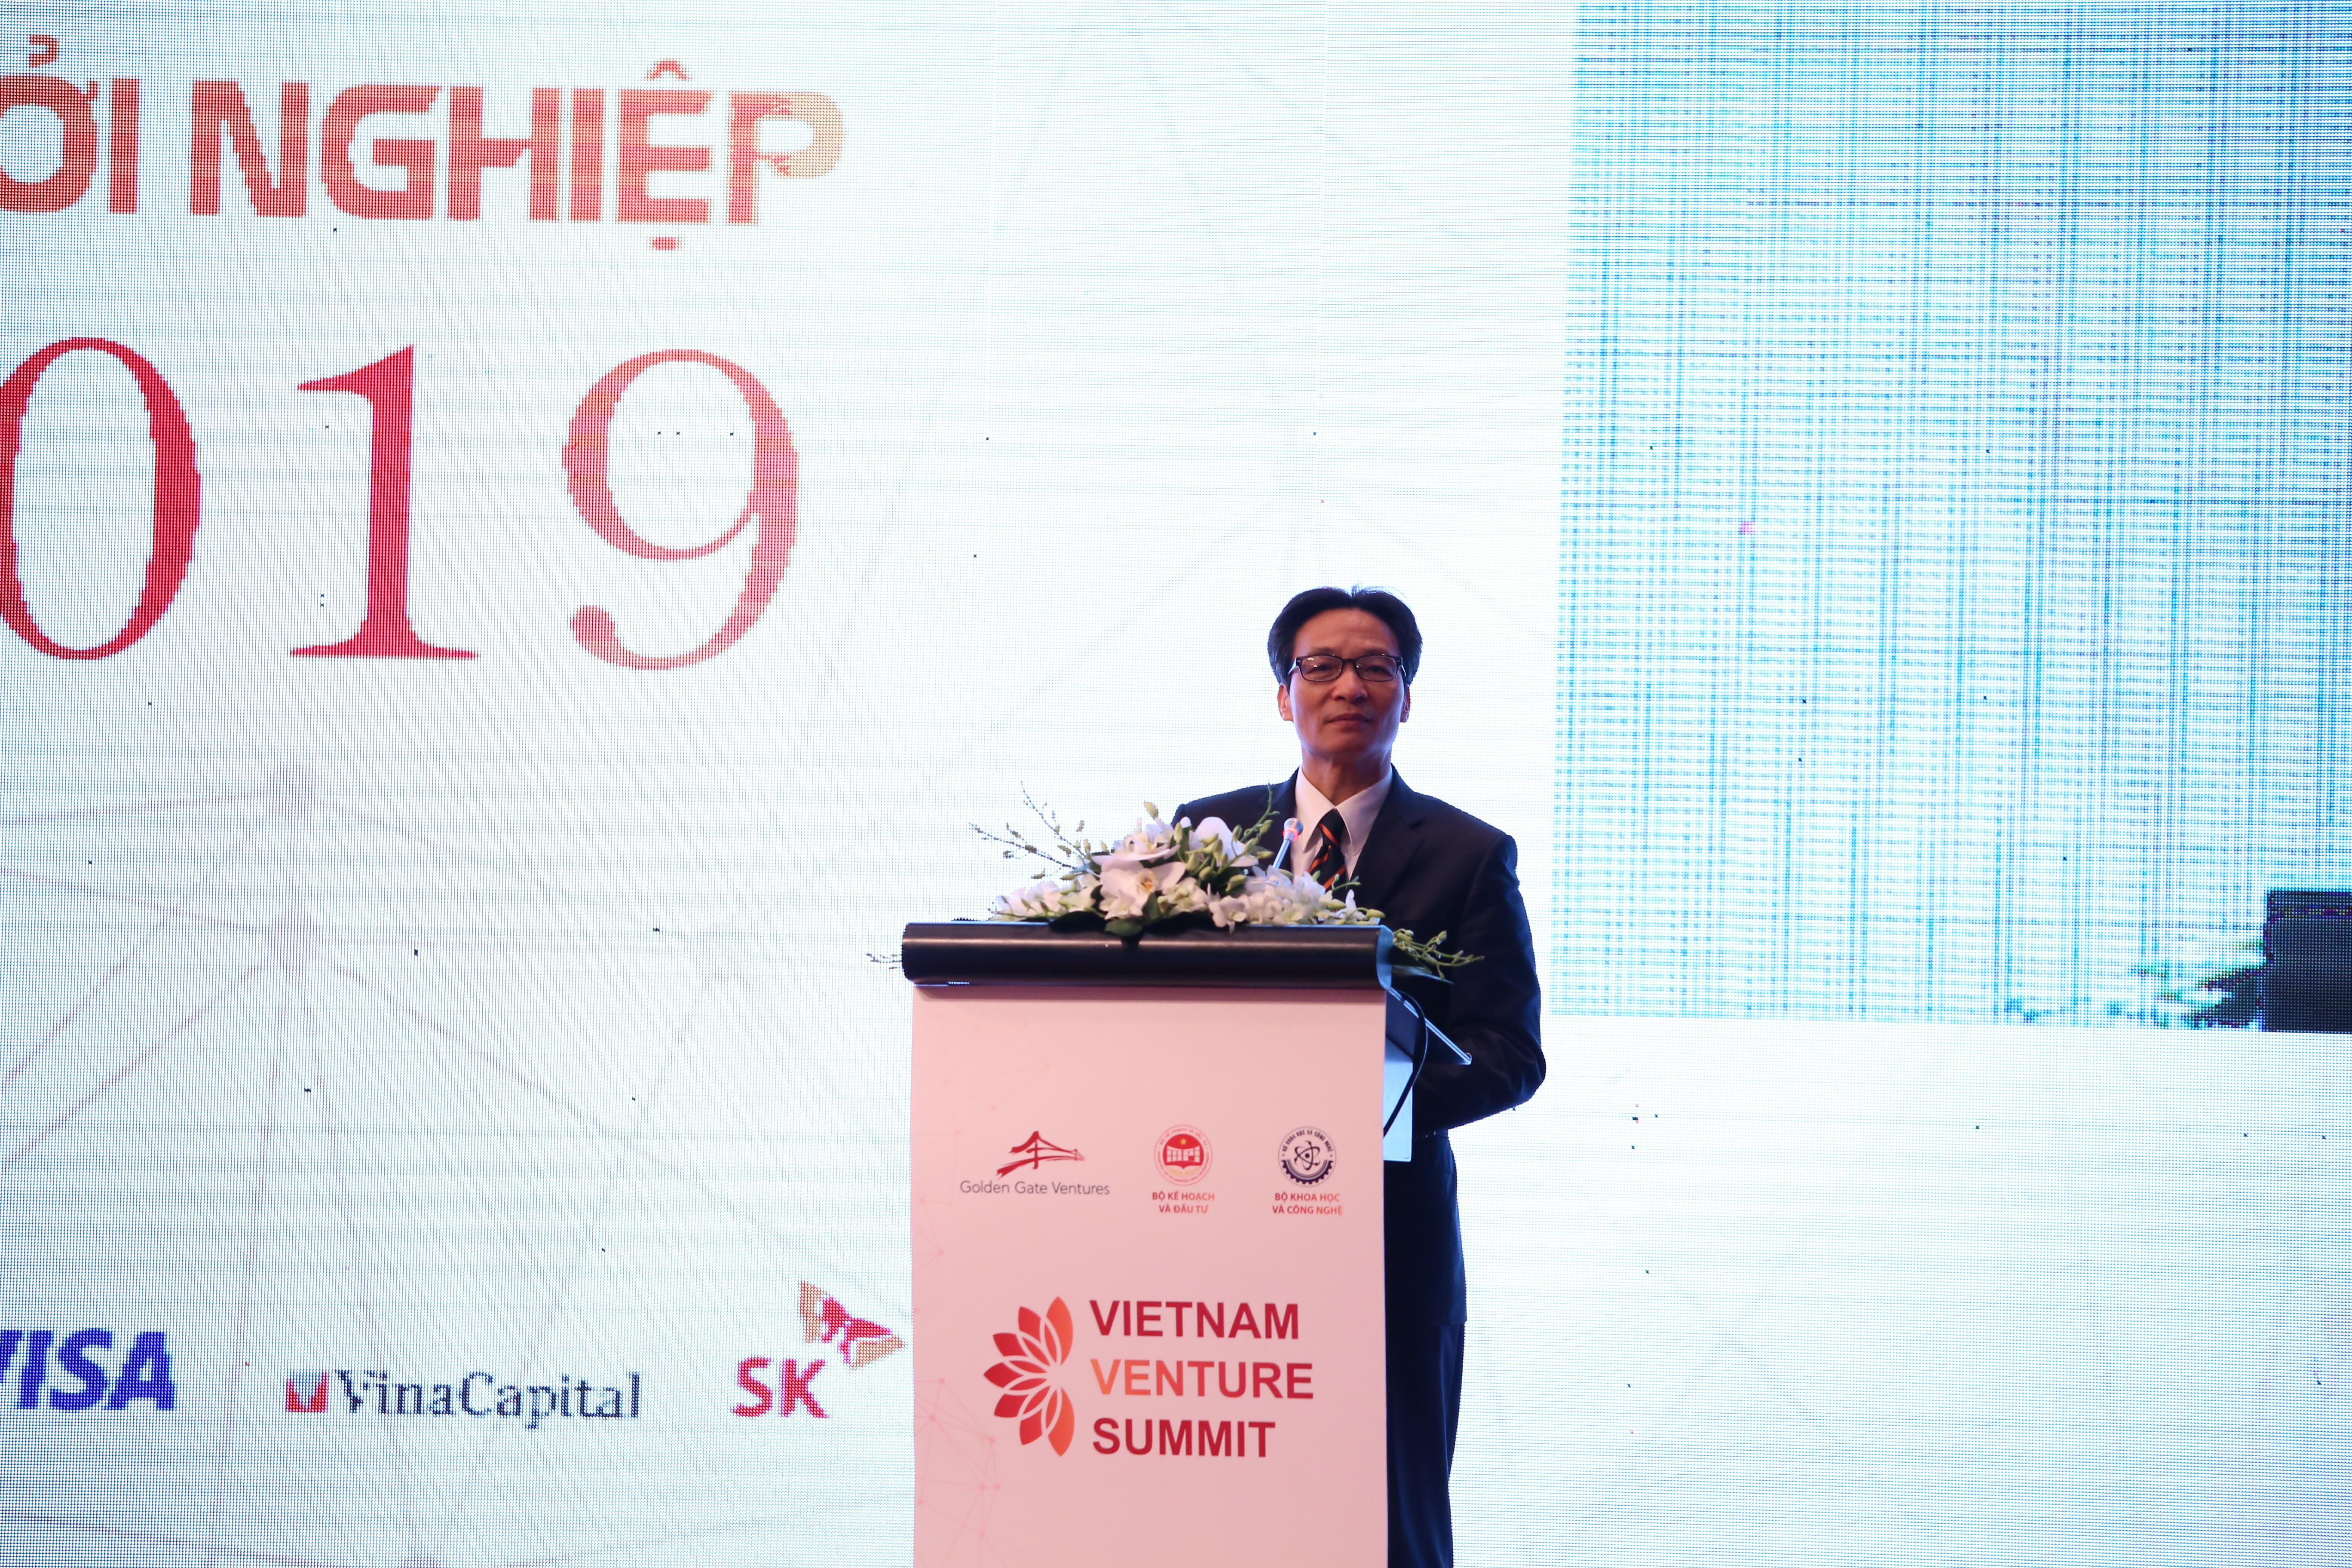 Phó Thủ tướng Vũ Đức Đam nhấn mạnh cần phải duy trì và làm tốt hơn việc tạo môi trường hỗ trợ hệ sinh thái khởi nghiệp tại Hội thảo Vietnam Venture Summit 2019. Ảnh: Ngô Hà/KHPT